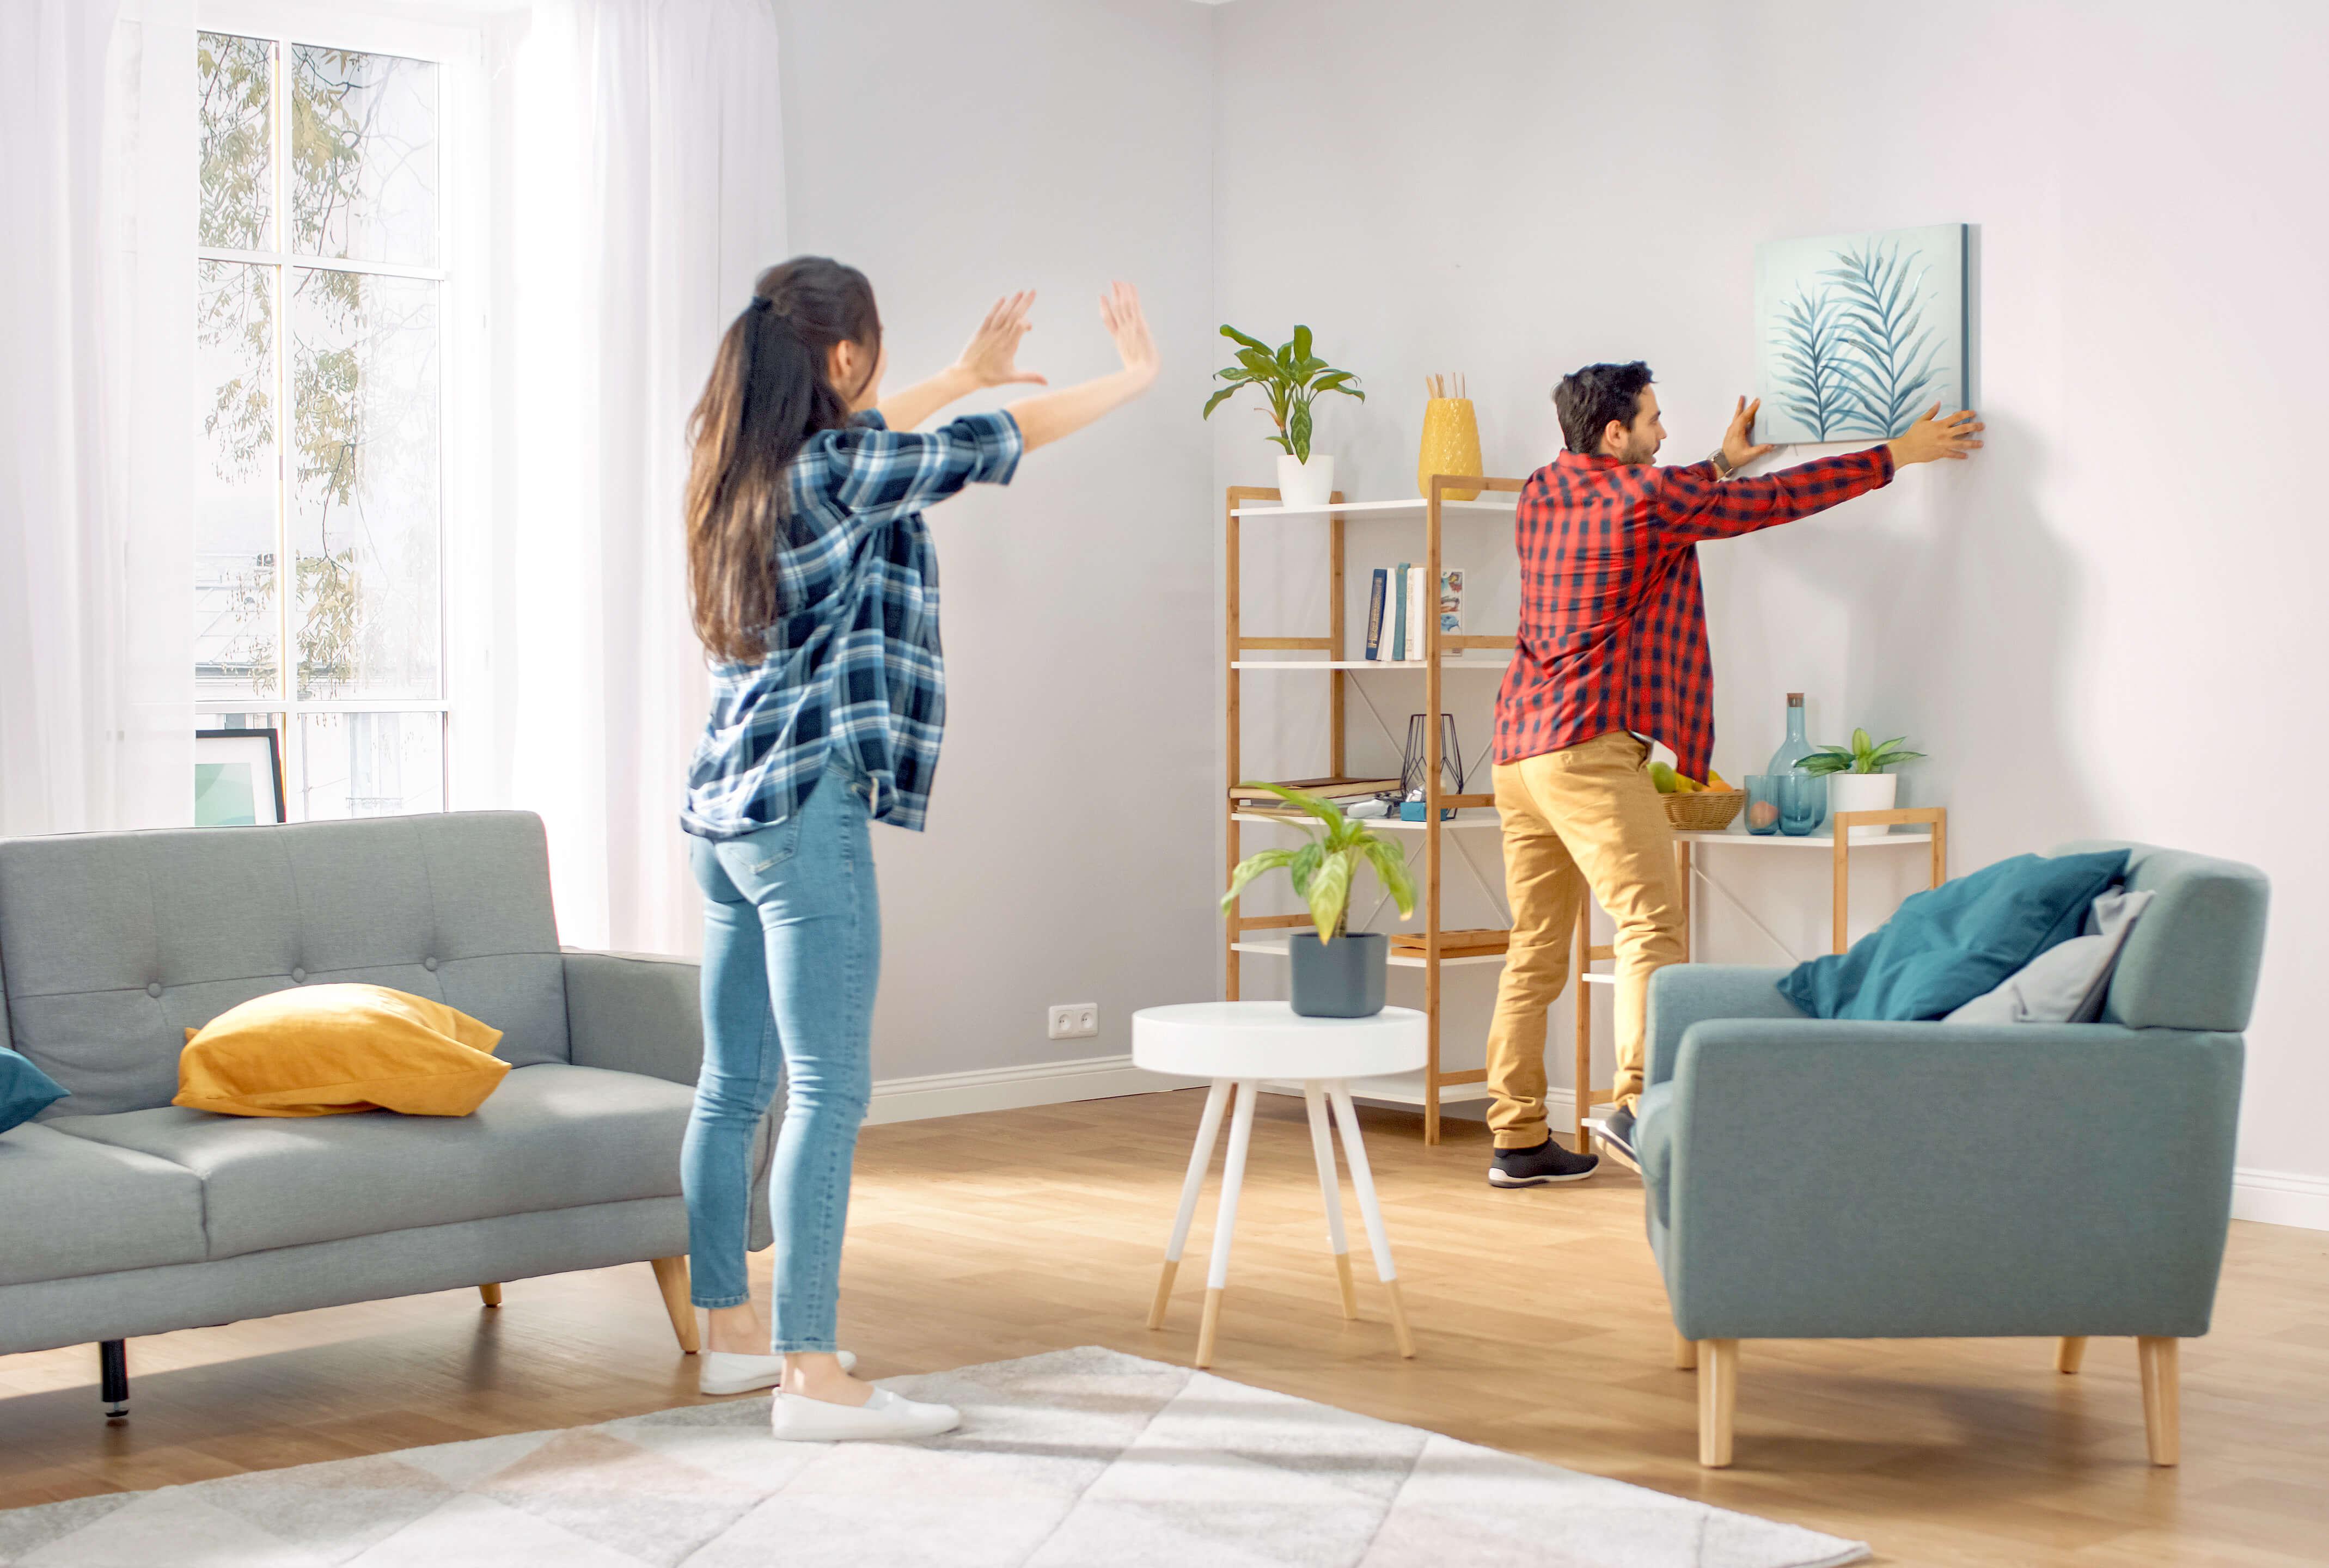 10 najczęstszych błędów w aranżacji mieszkania – zasady projektowania wnętrz